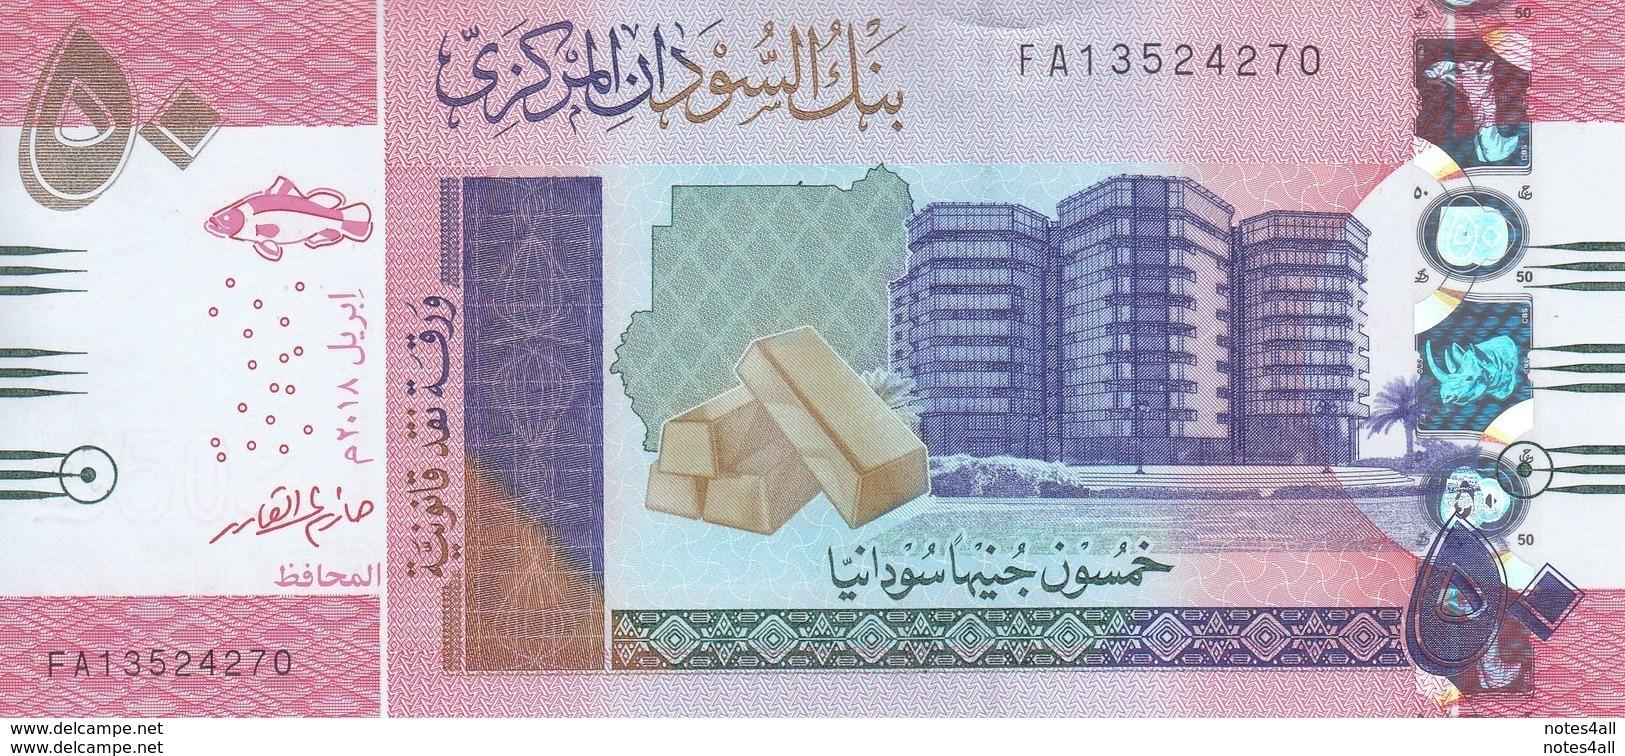 SUDAN 50 POUNDS 2018 P-NEW MATTE PALE COLOR TYPE UNC */* - Sudan